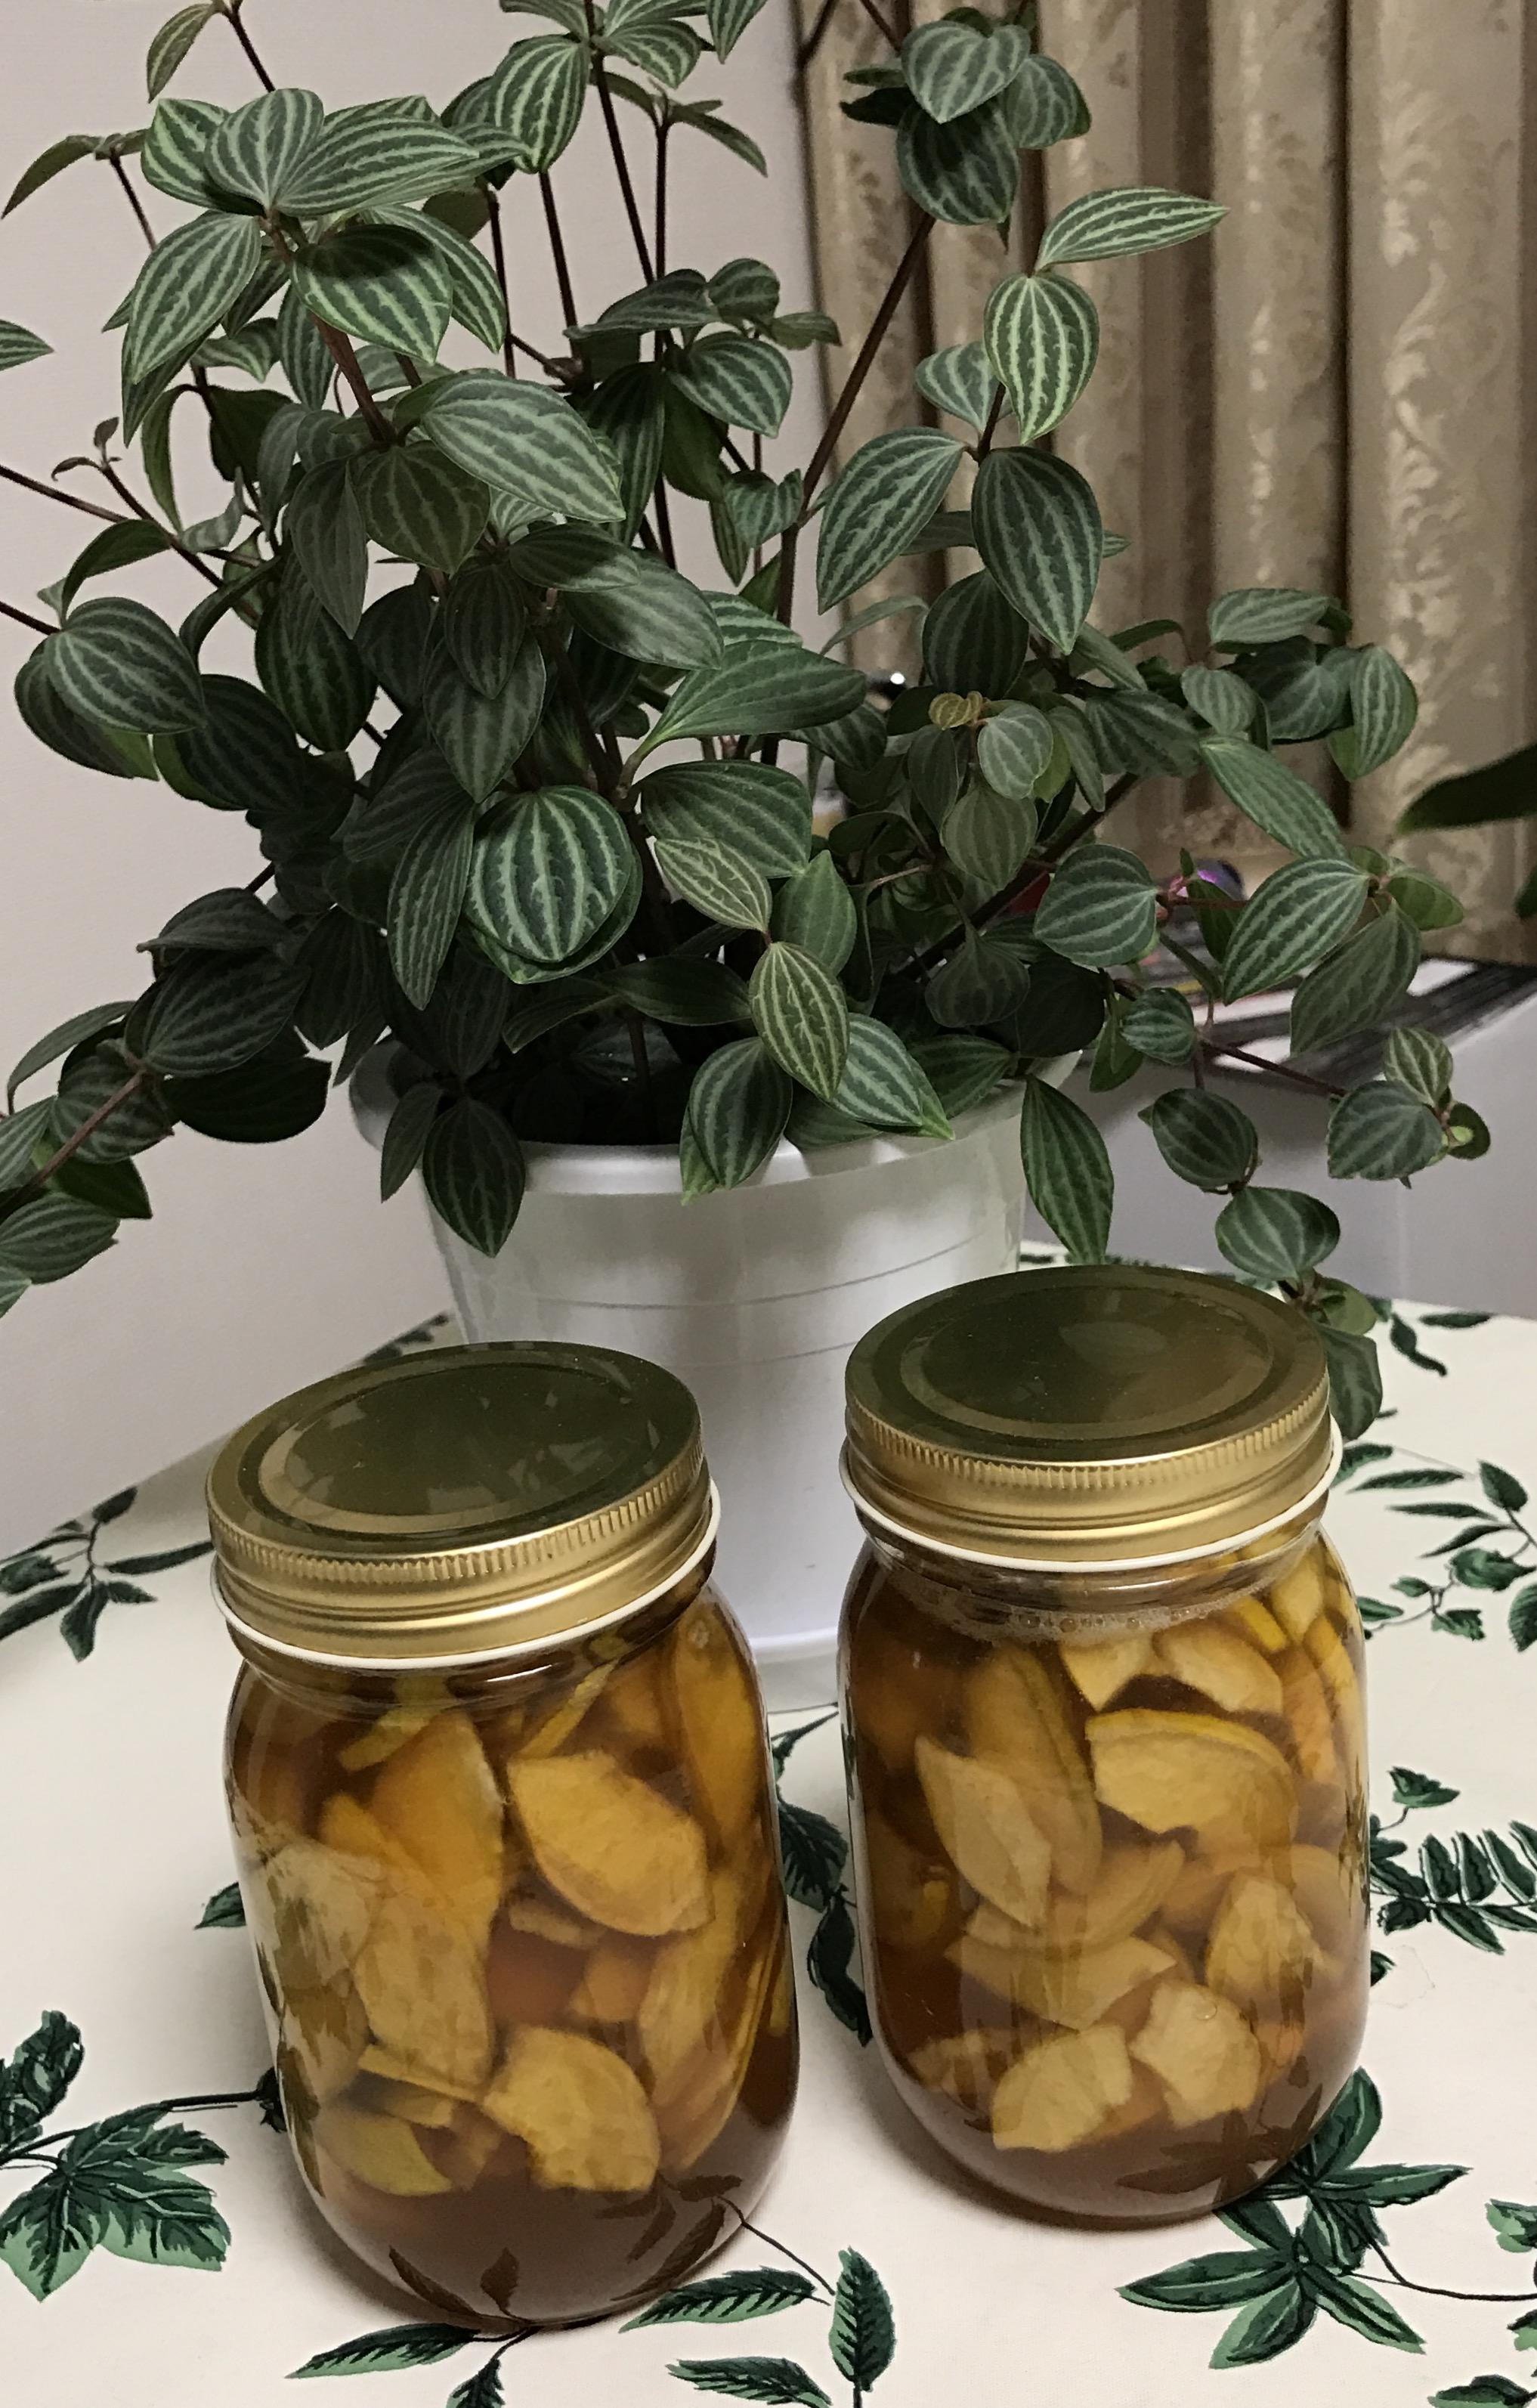 漬込み10日後の花梨ハチミツ